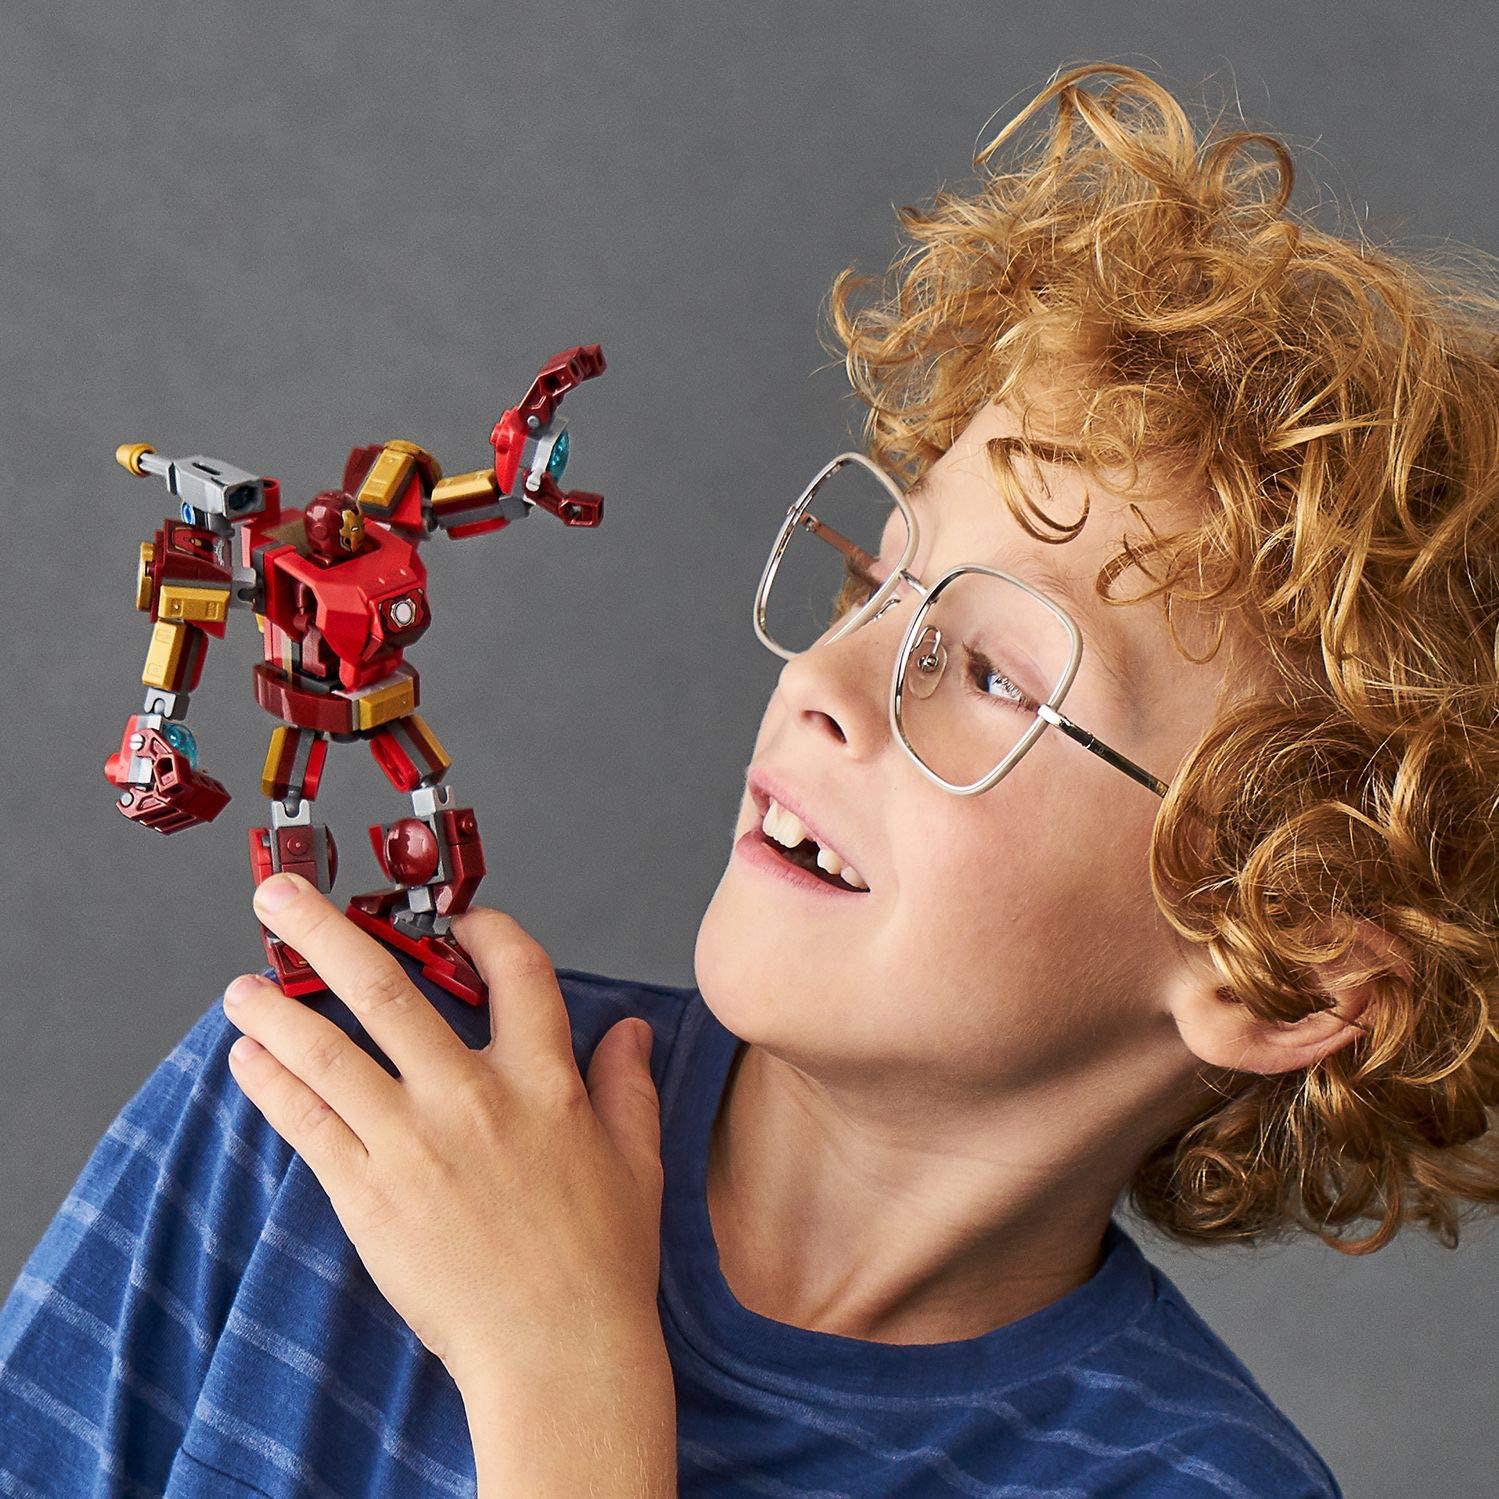 Imagen de Super Heroes Marvel Avengers Iron Man Mech Playset